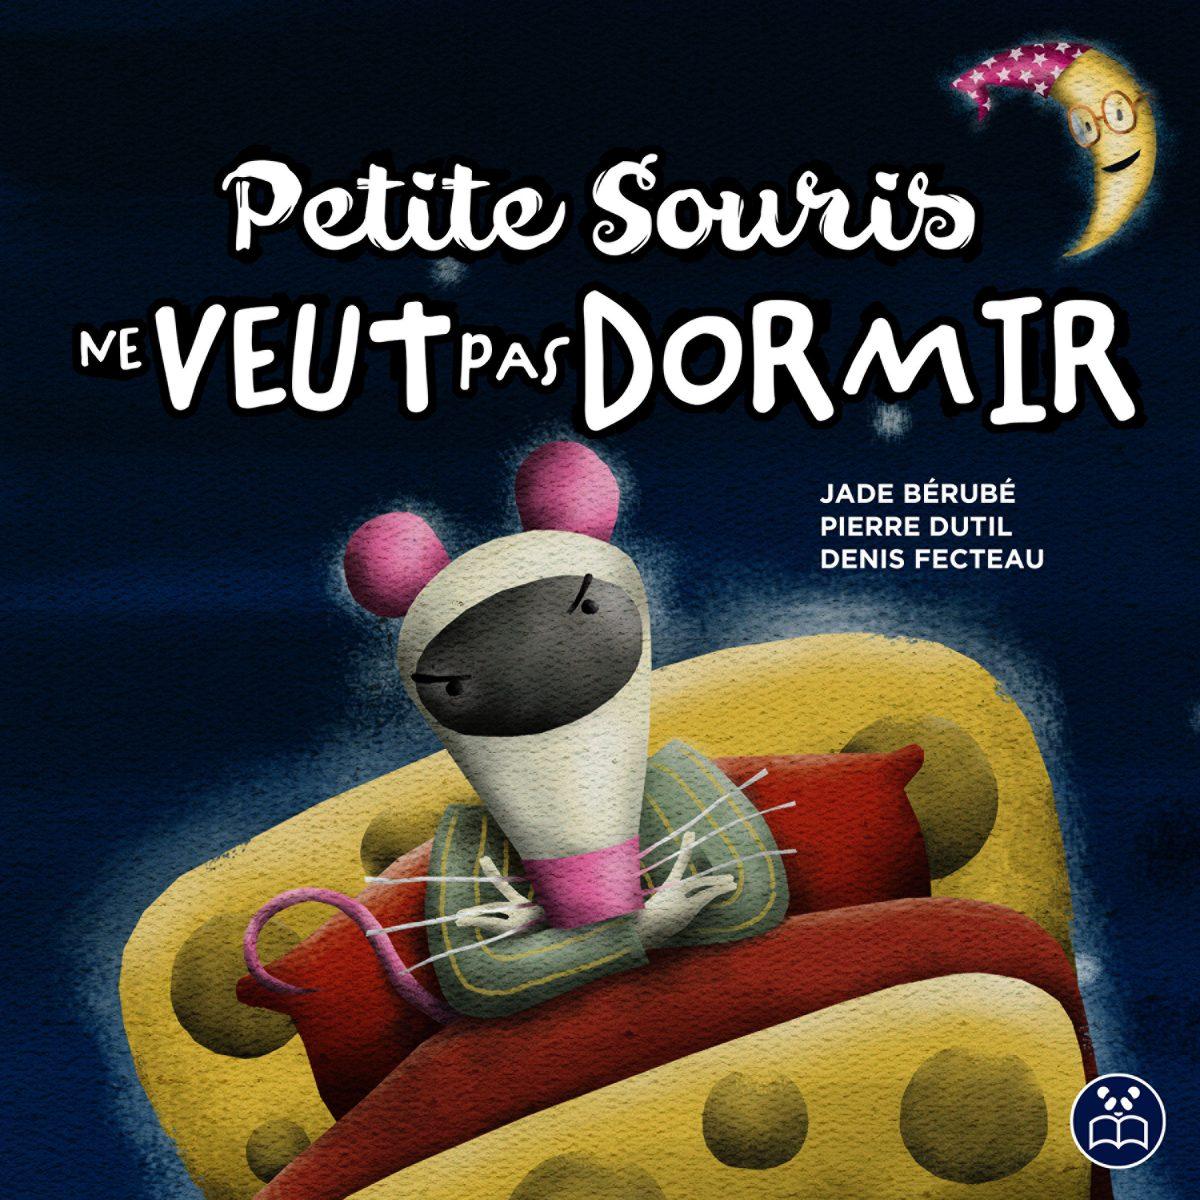 Image de Petite Souris ne veut pas dormir qui raconte la routine du dodo